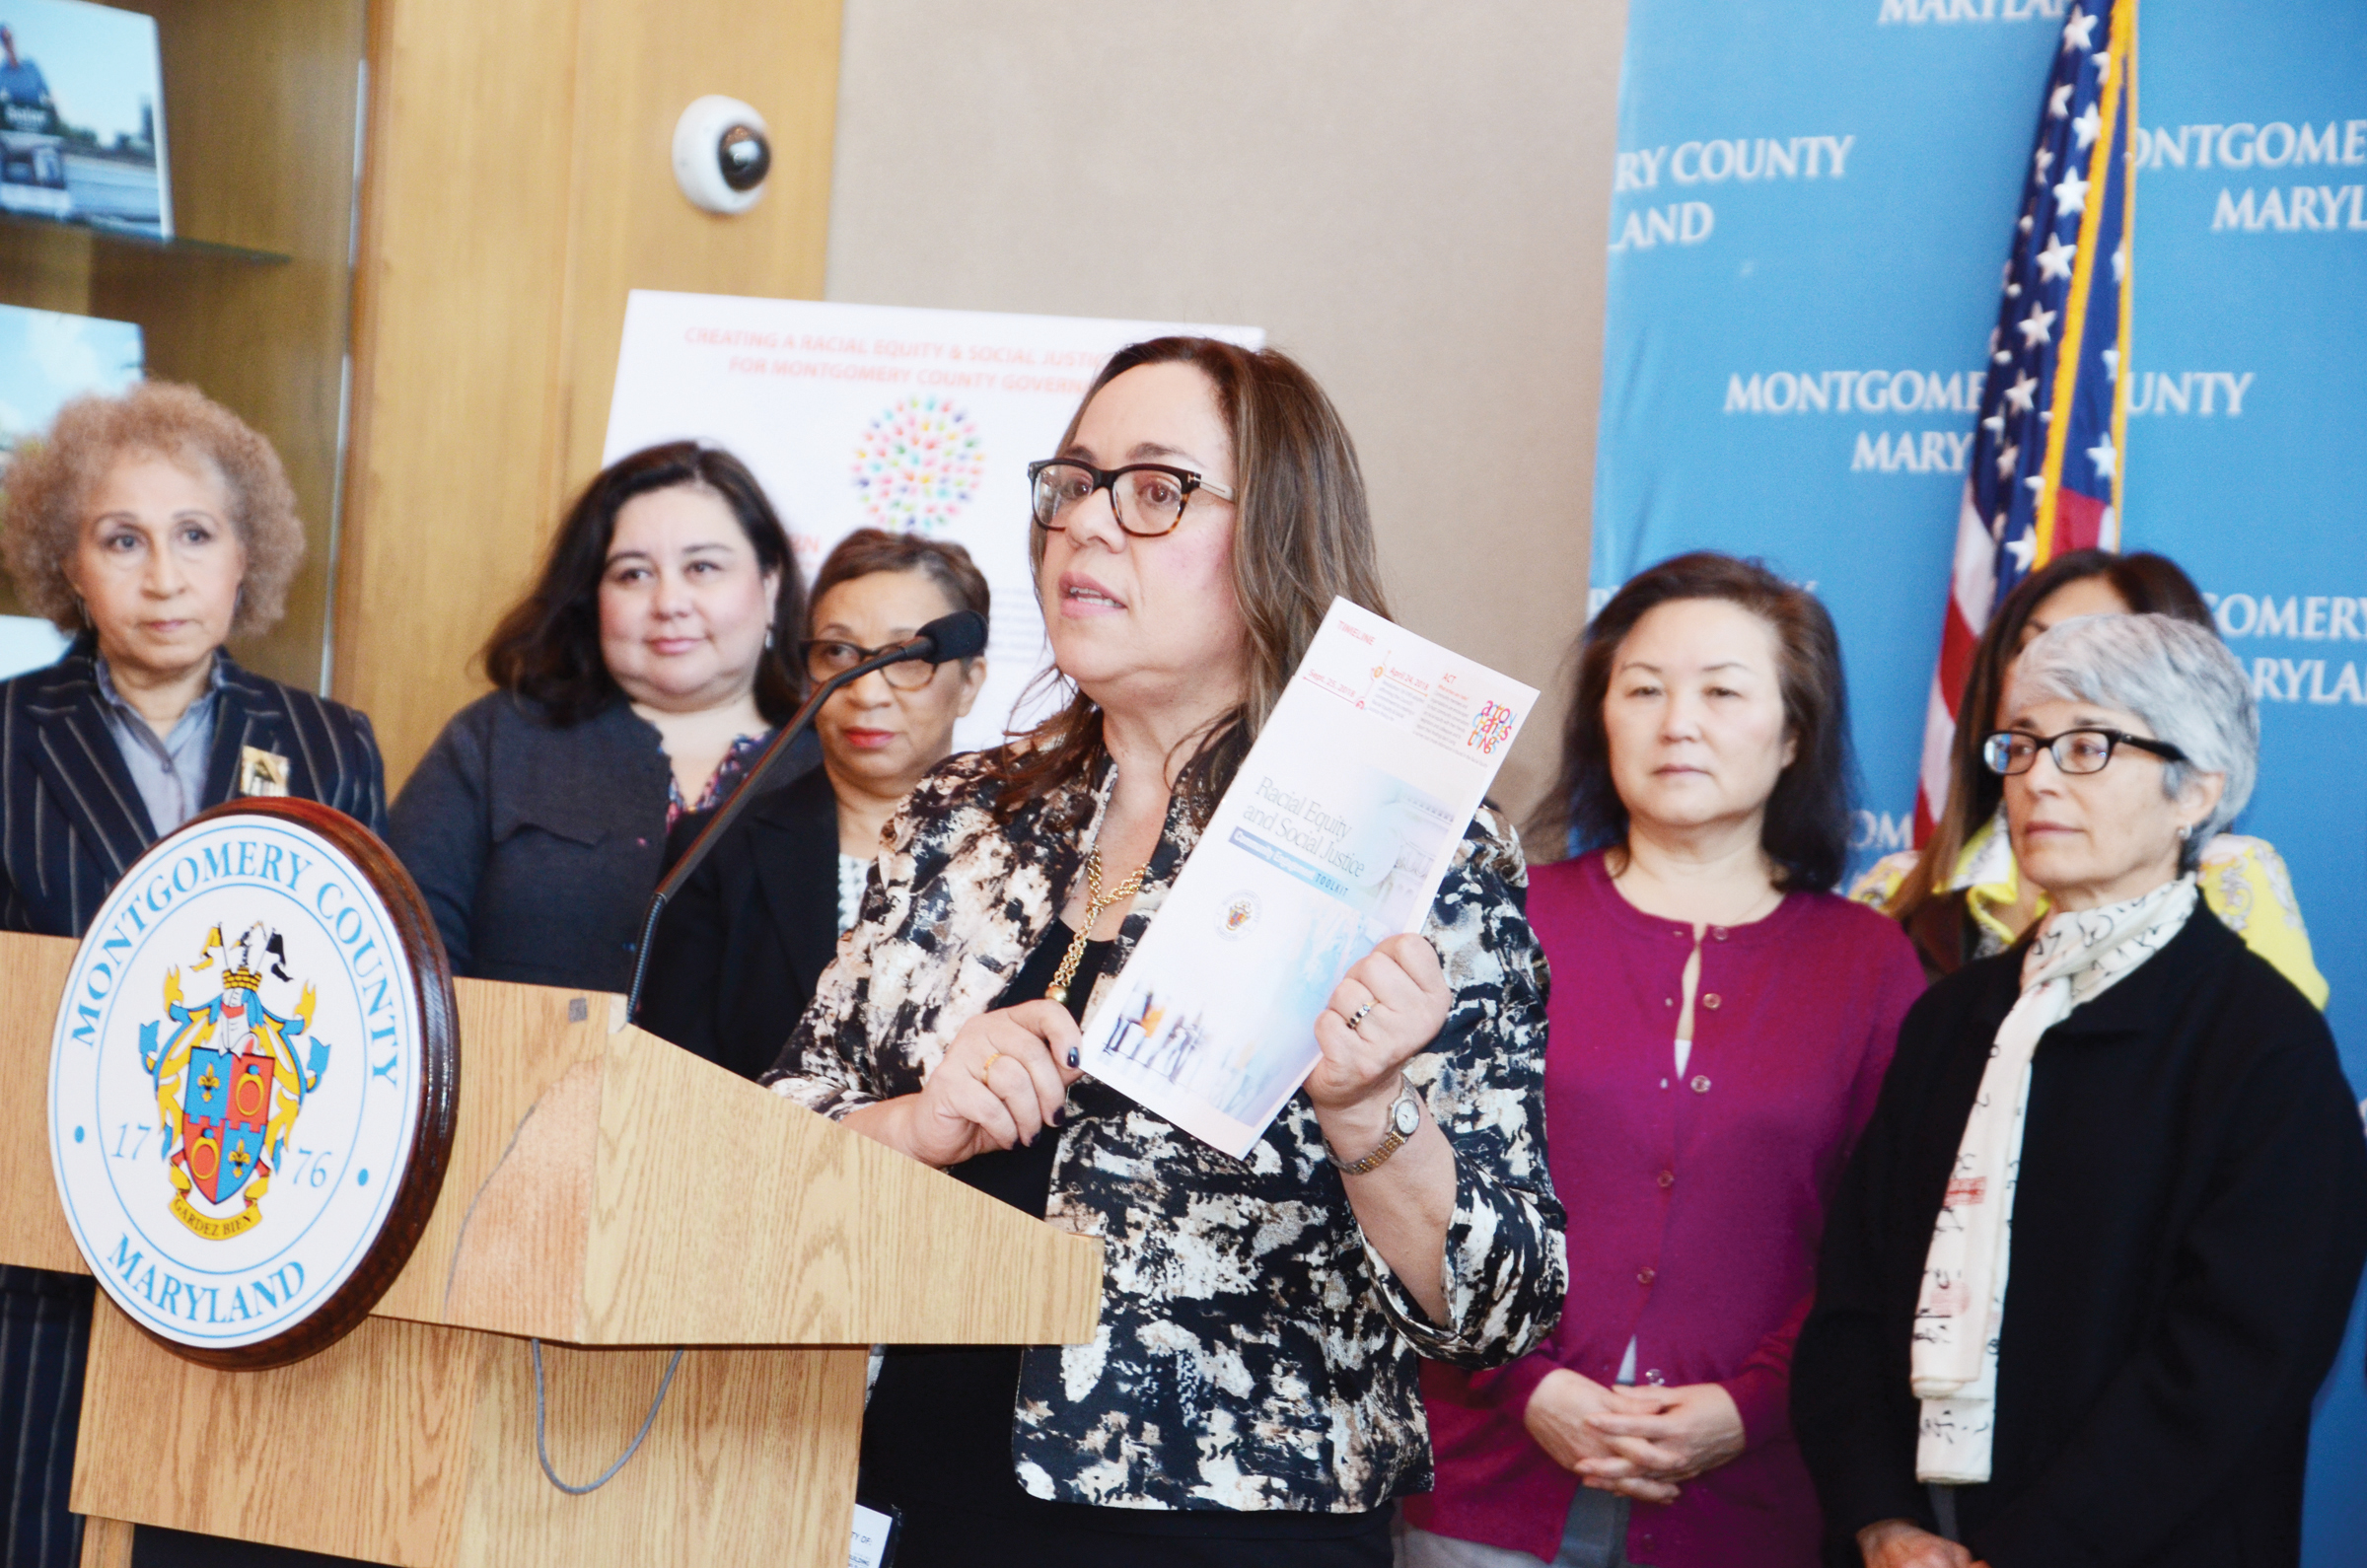 Crean plan de equidad racial en Montgomery